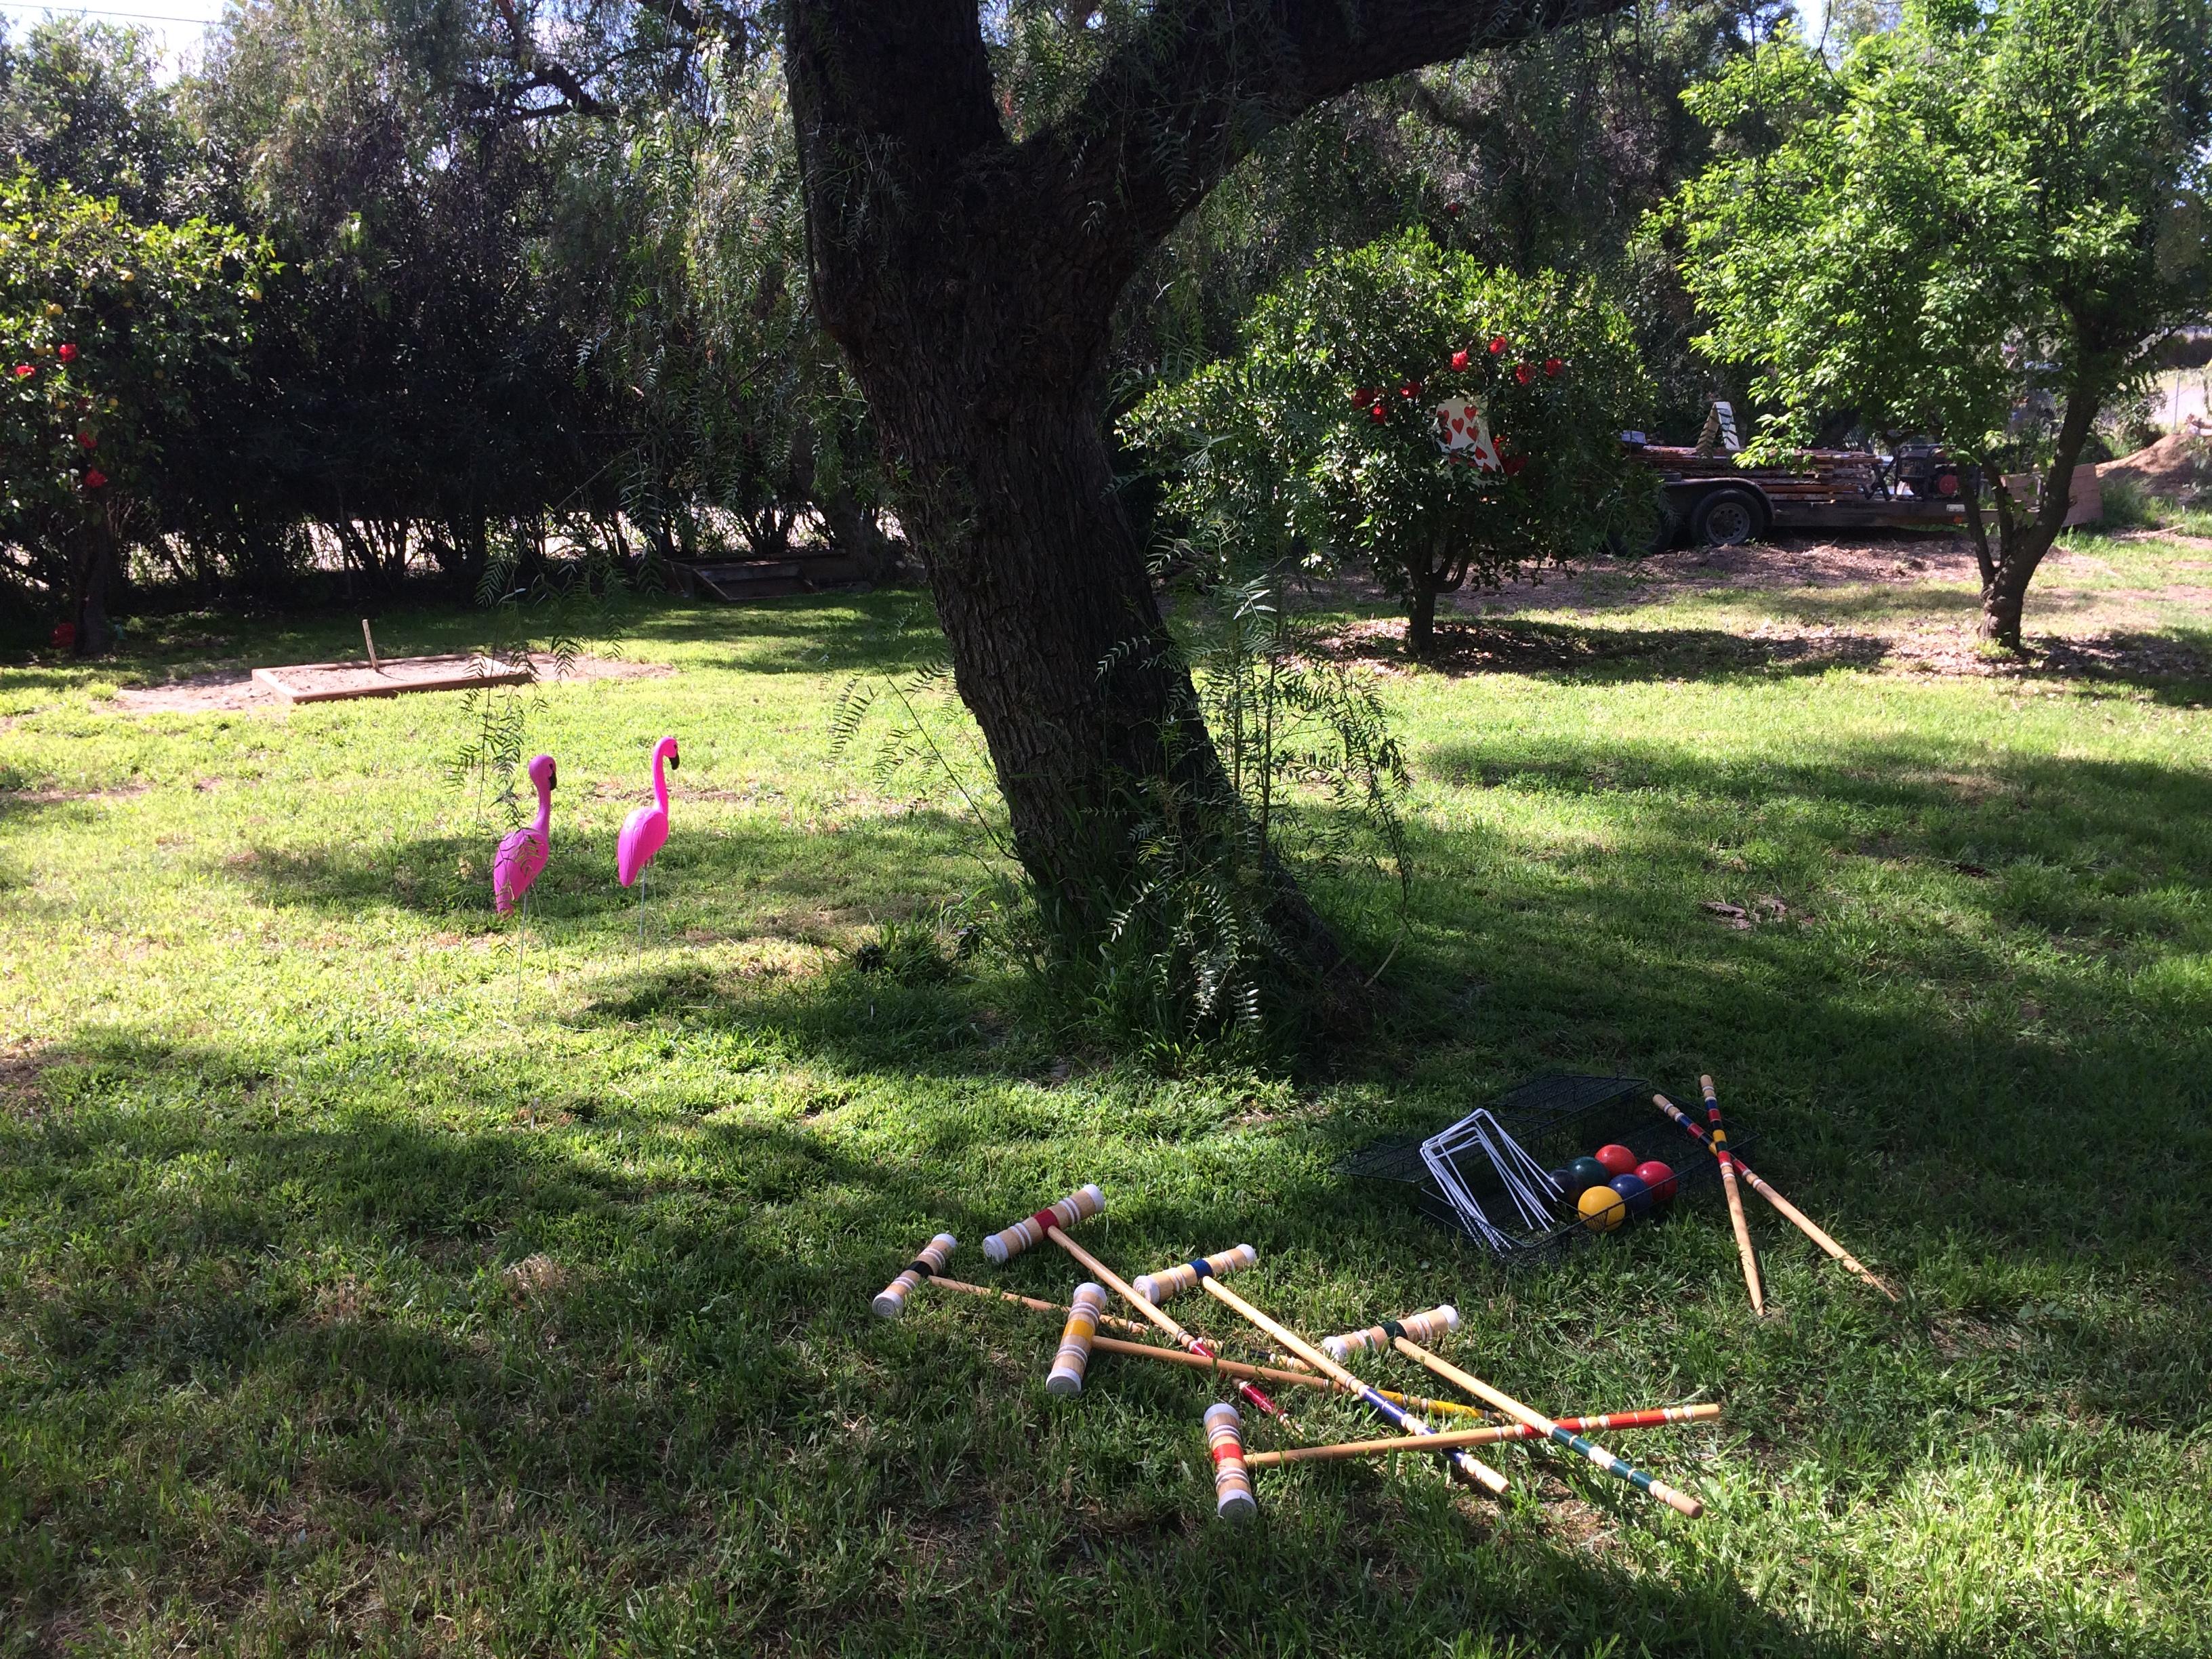 Dome Asylum Lawn Games